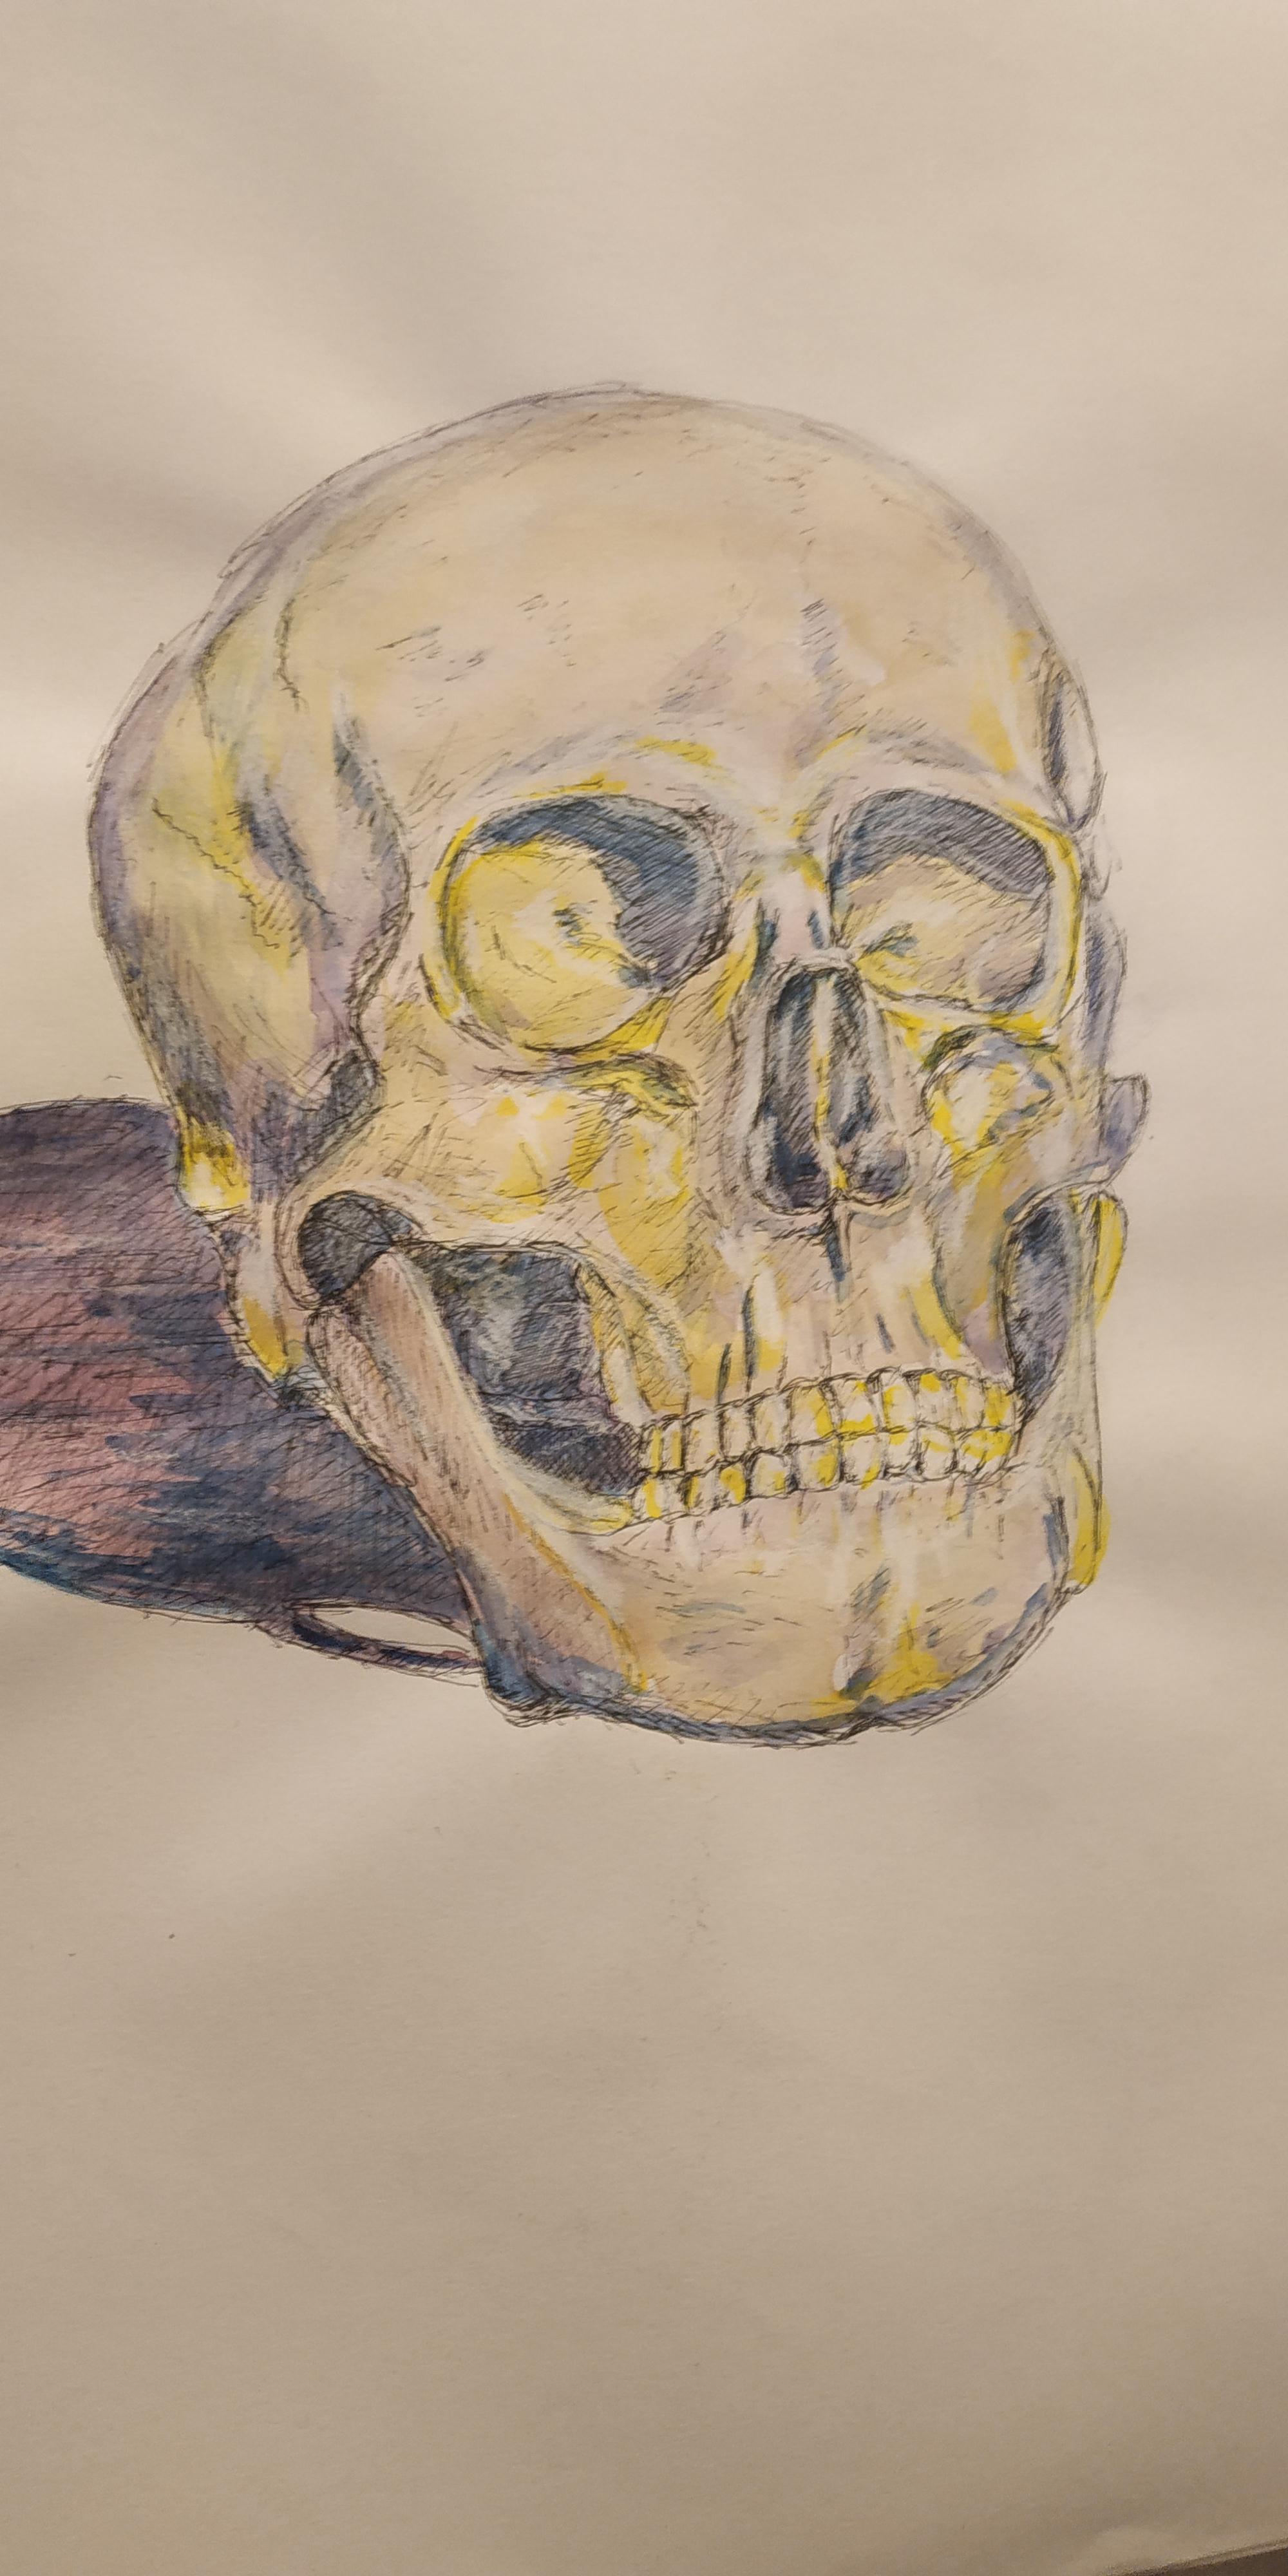 Cr�nes humains dessin couleurs  cours de dessin